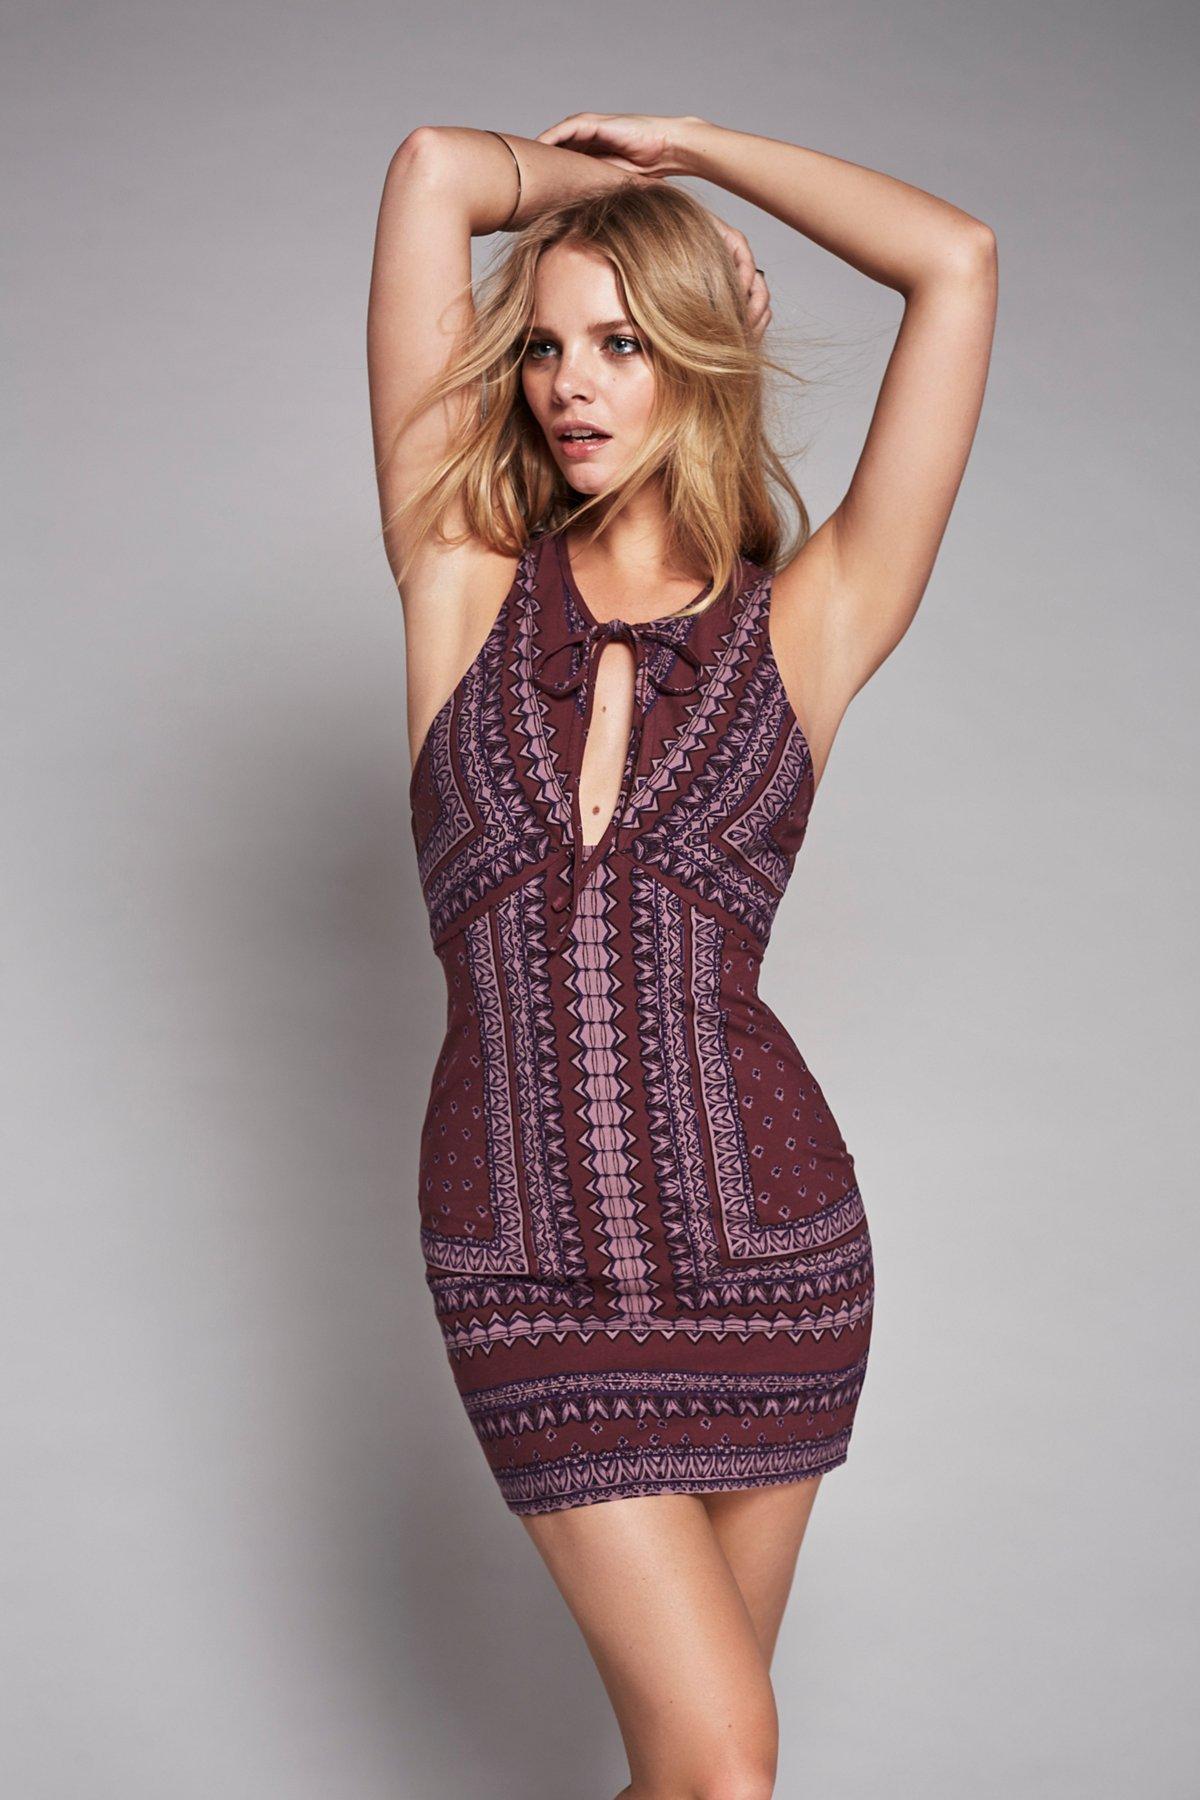 细带紧身连衣裙